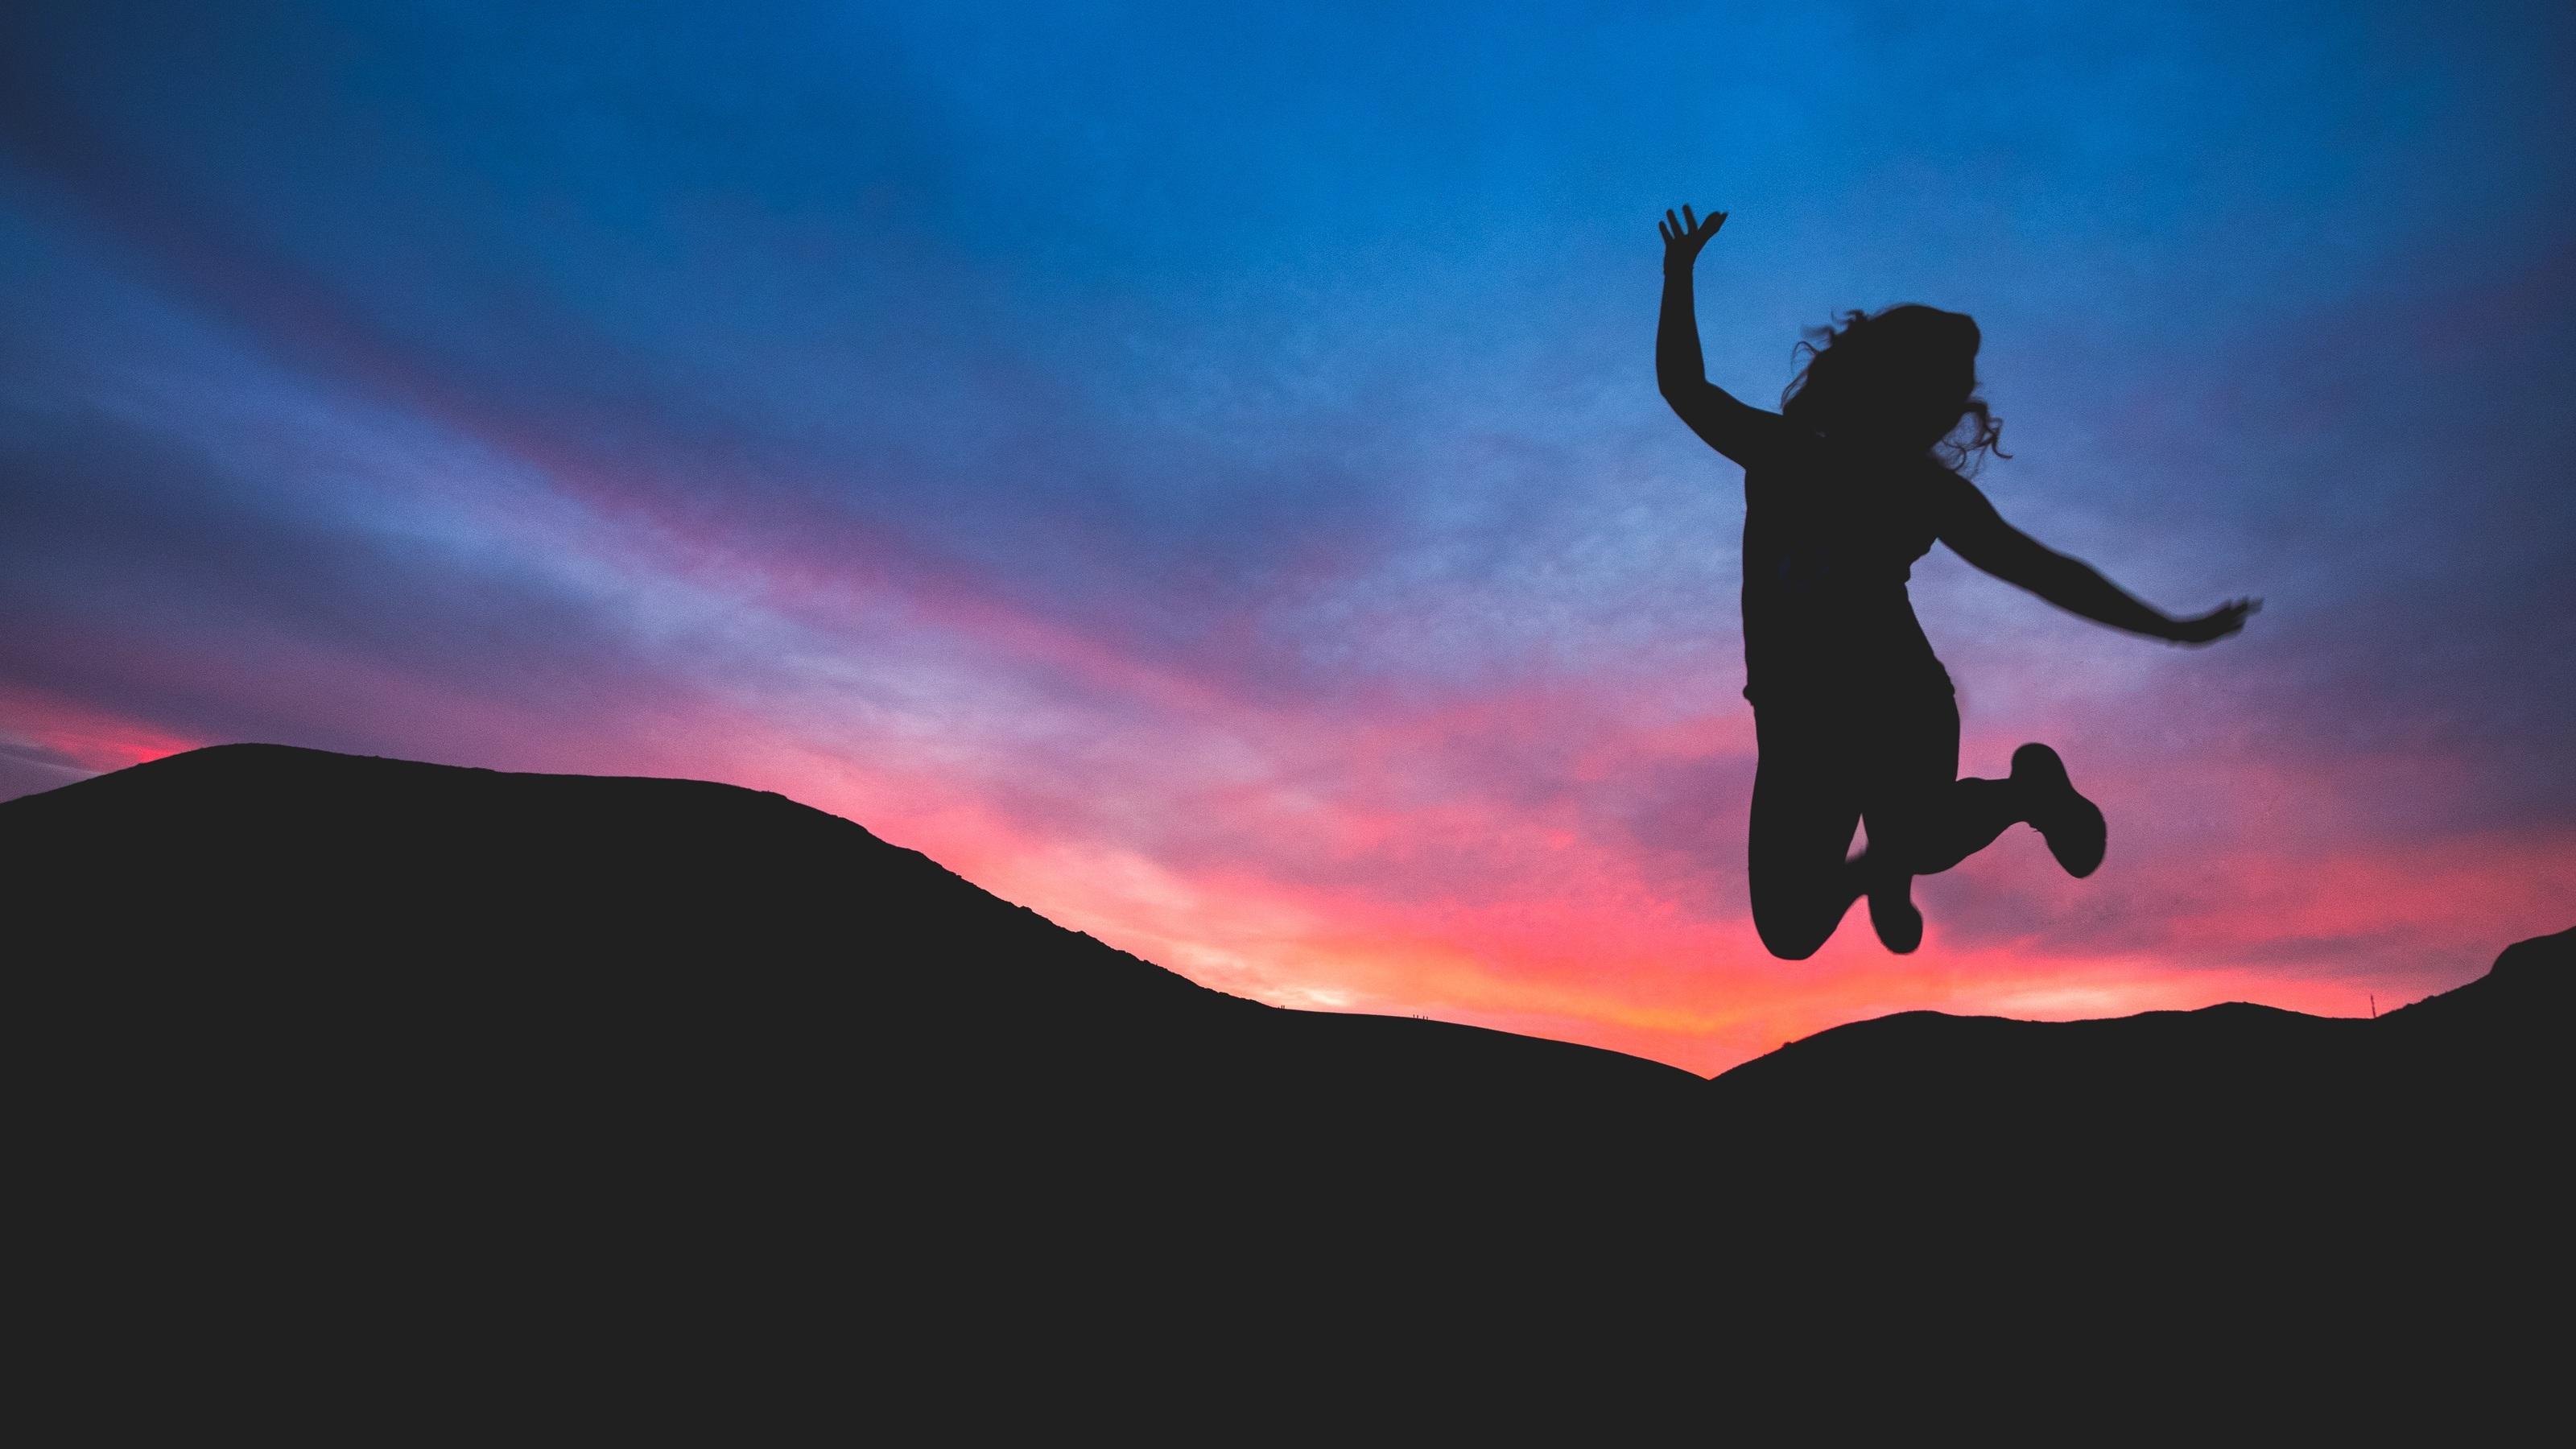 Красивые картинки мотиваторы на успех